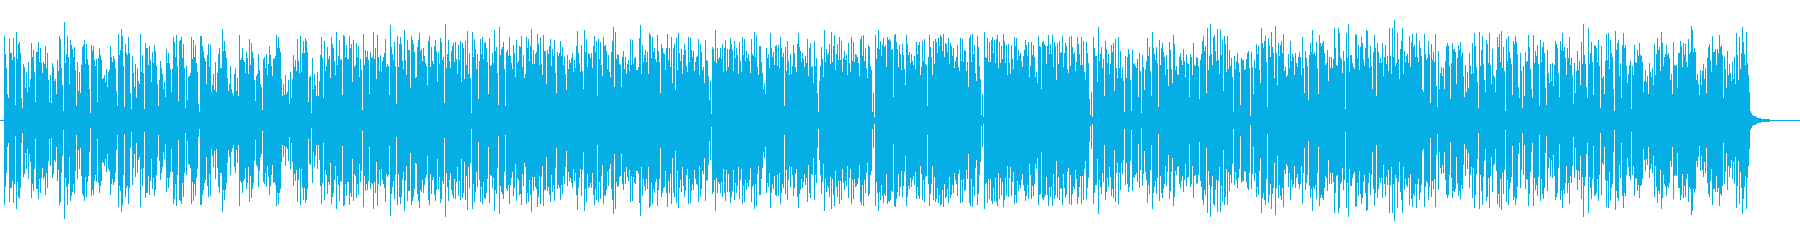 軽快なシンセサイザーのポップスの再生済みの波形